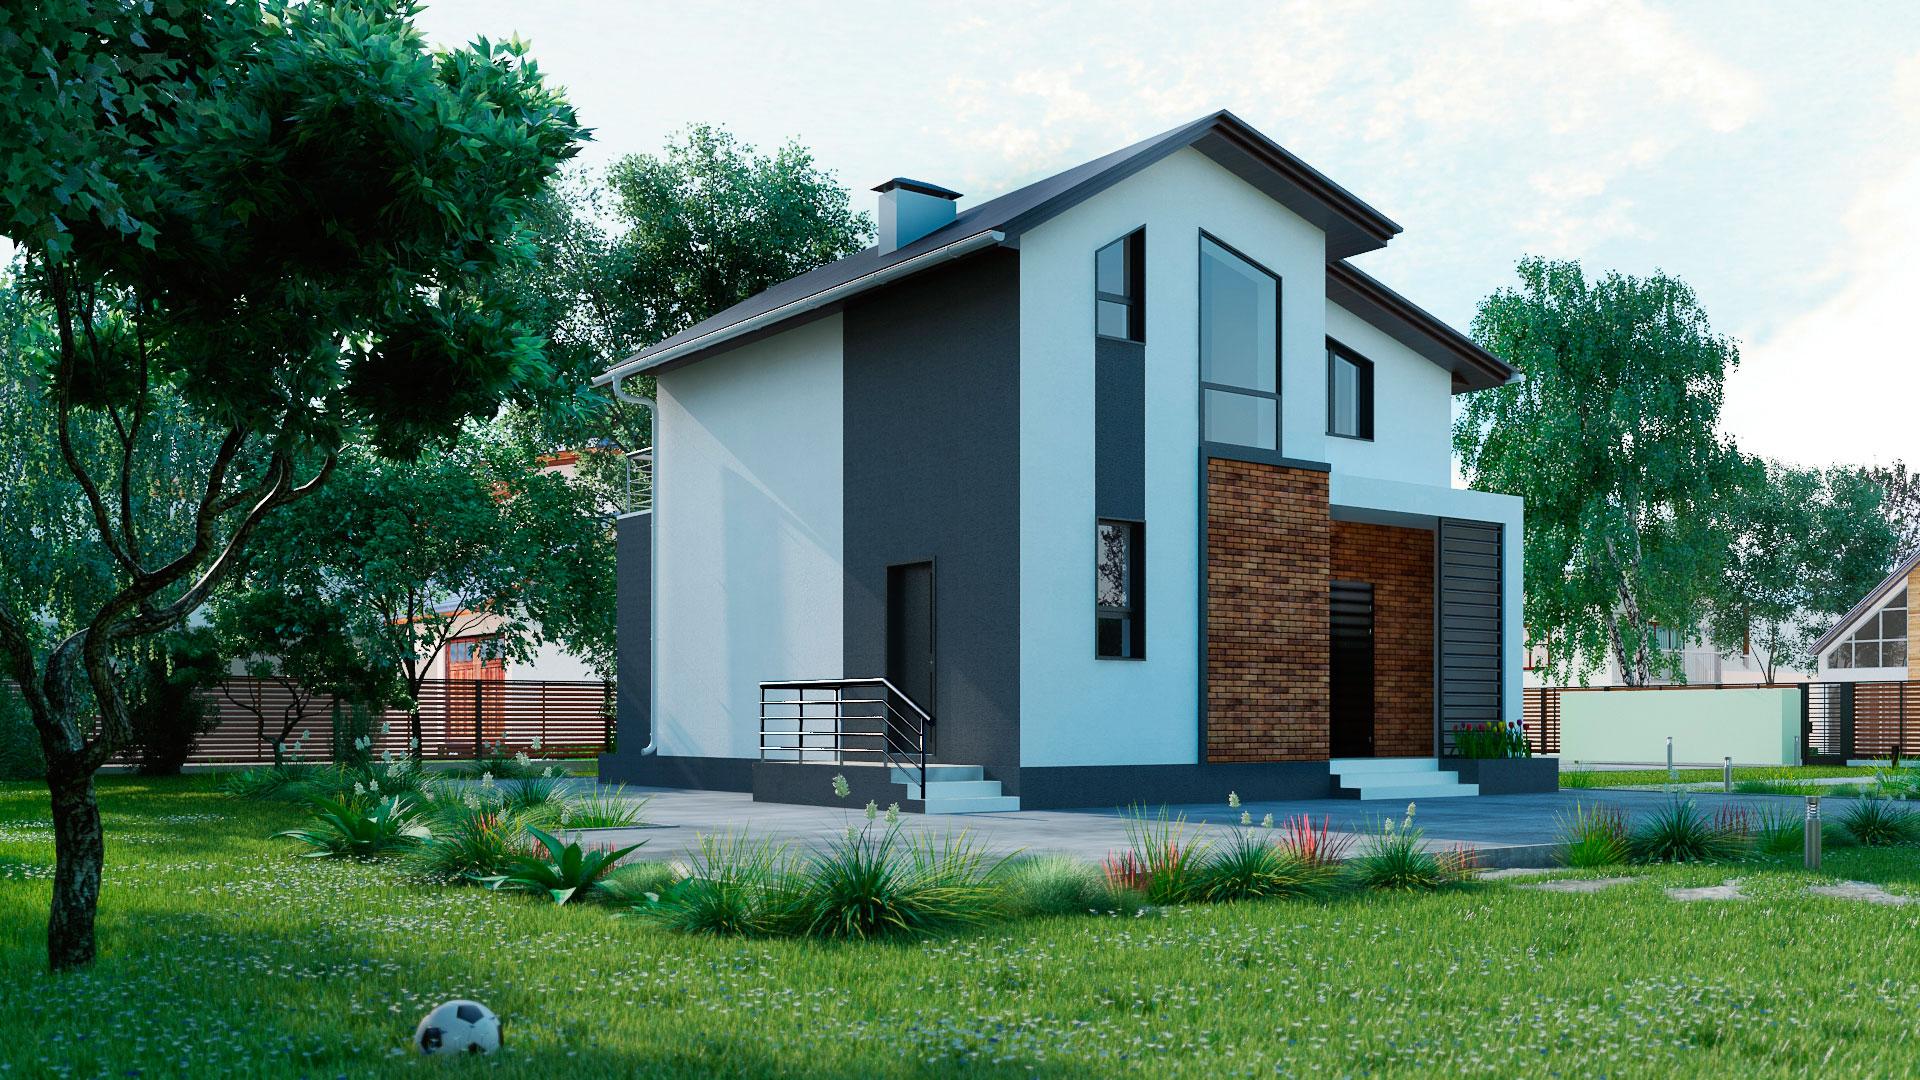 Боковой фасад загородного дома 9 на 9 двухэтажного, проект БЭНПАН МС-146 В.